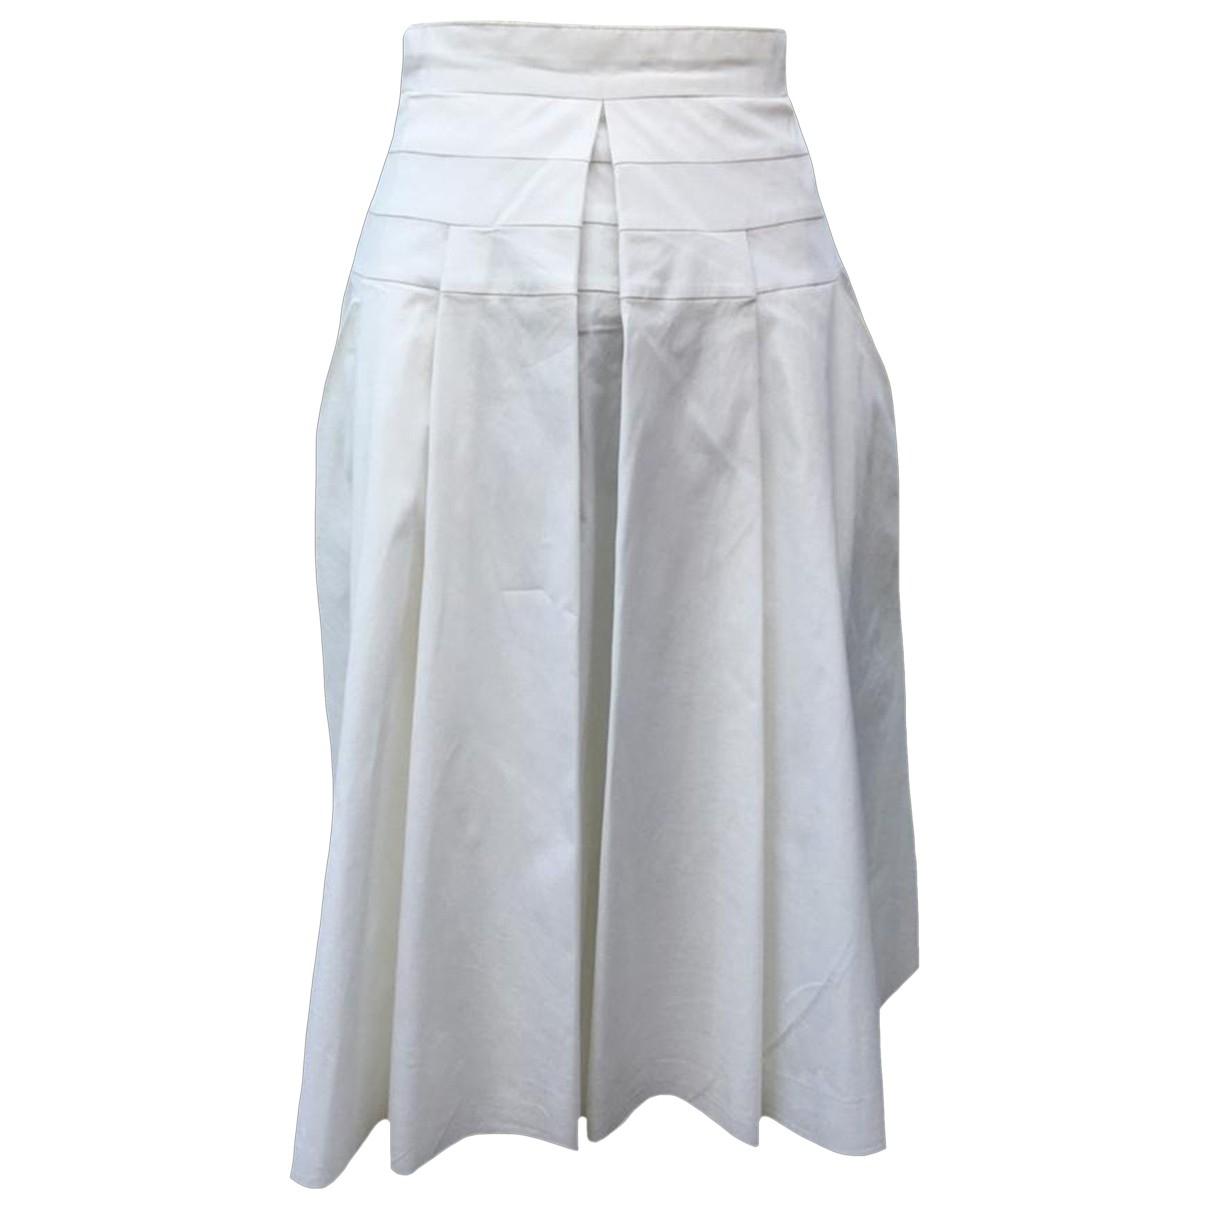 Prada \N White Cotton skirt for Women S International